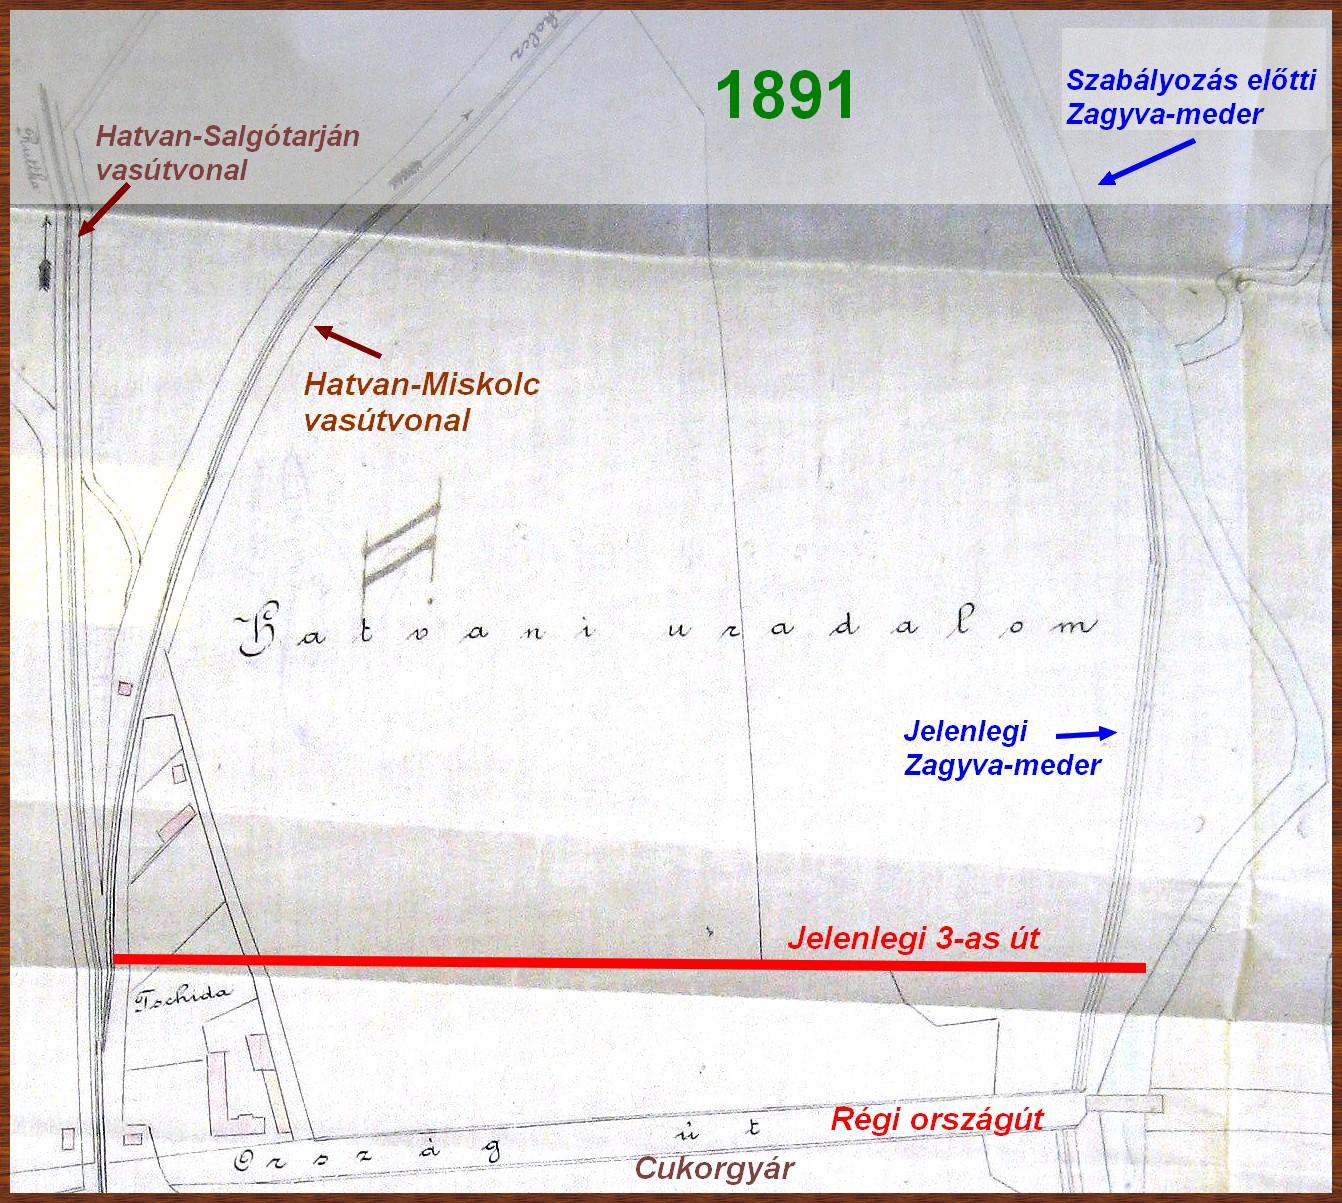 VI-10- 163_1891-es uradalom v3.jpg